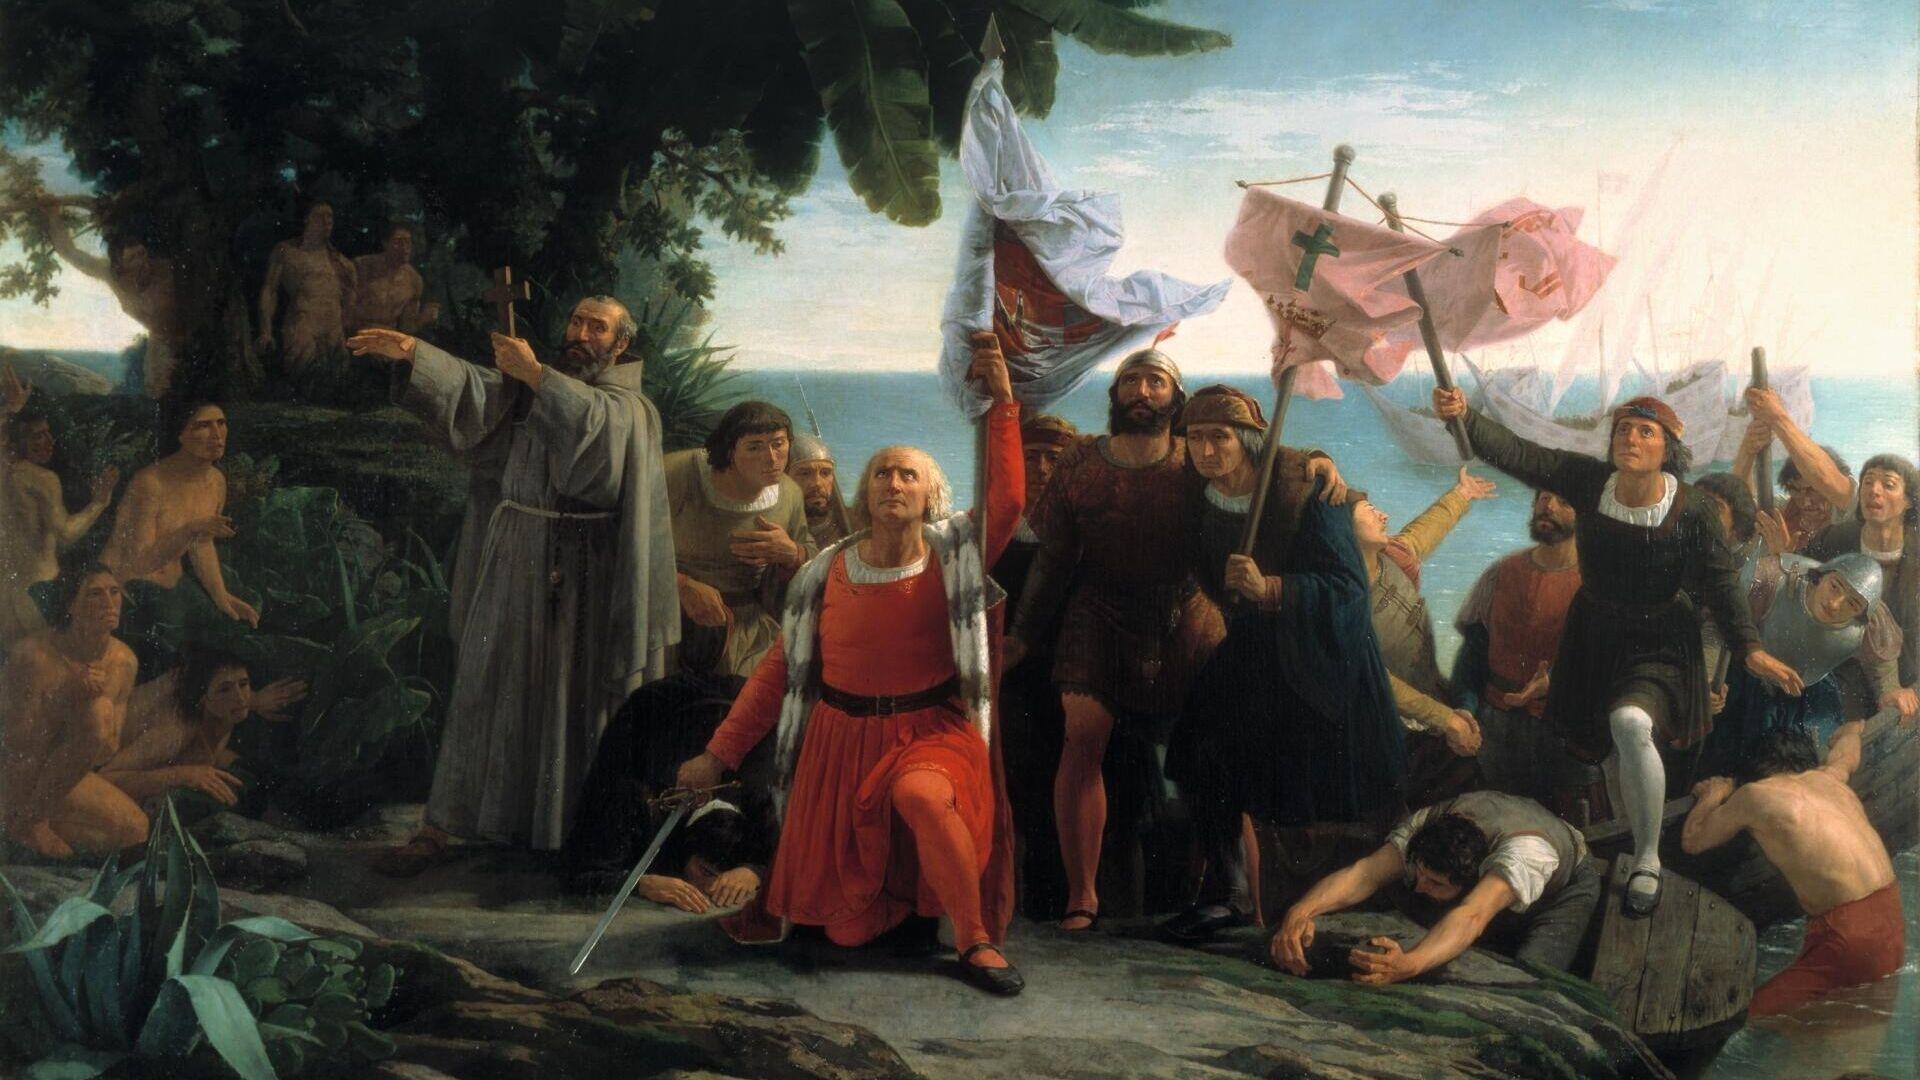 Primer desembarco de Cristóbal Colón en América (Dióscoro Puebla, 1862) - Sputnik Mundo, 1920, 20.05.2021